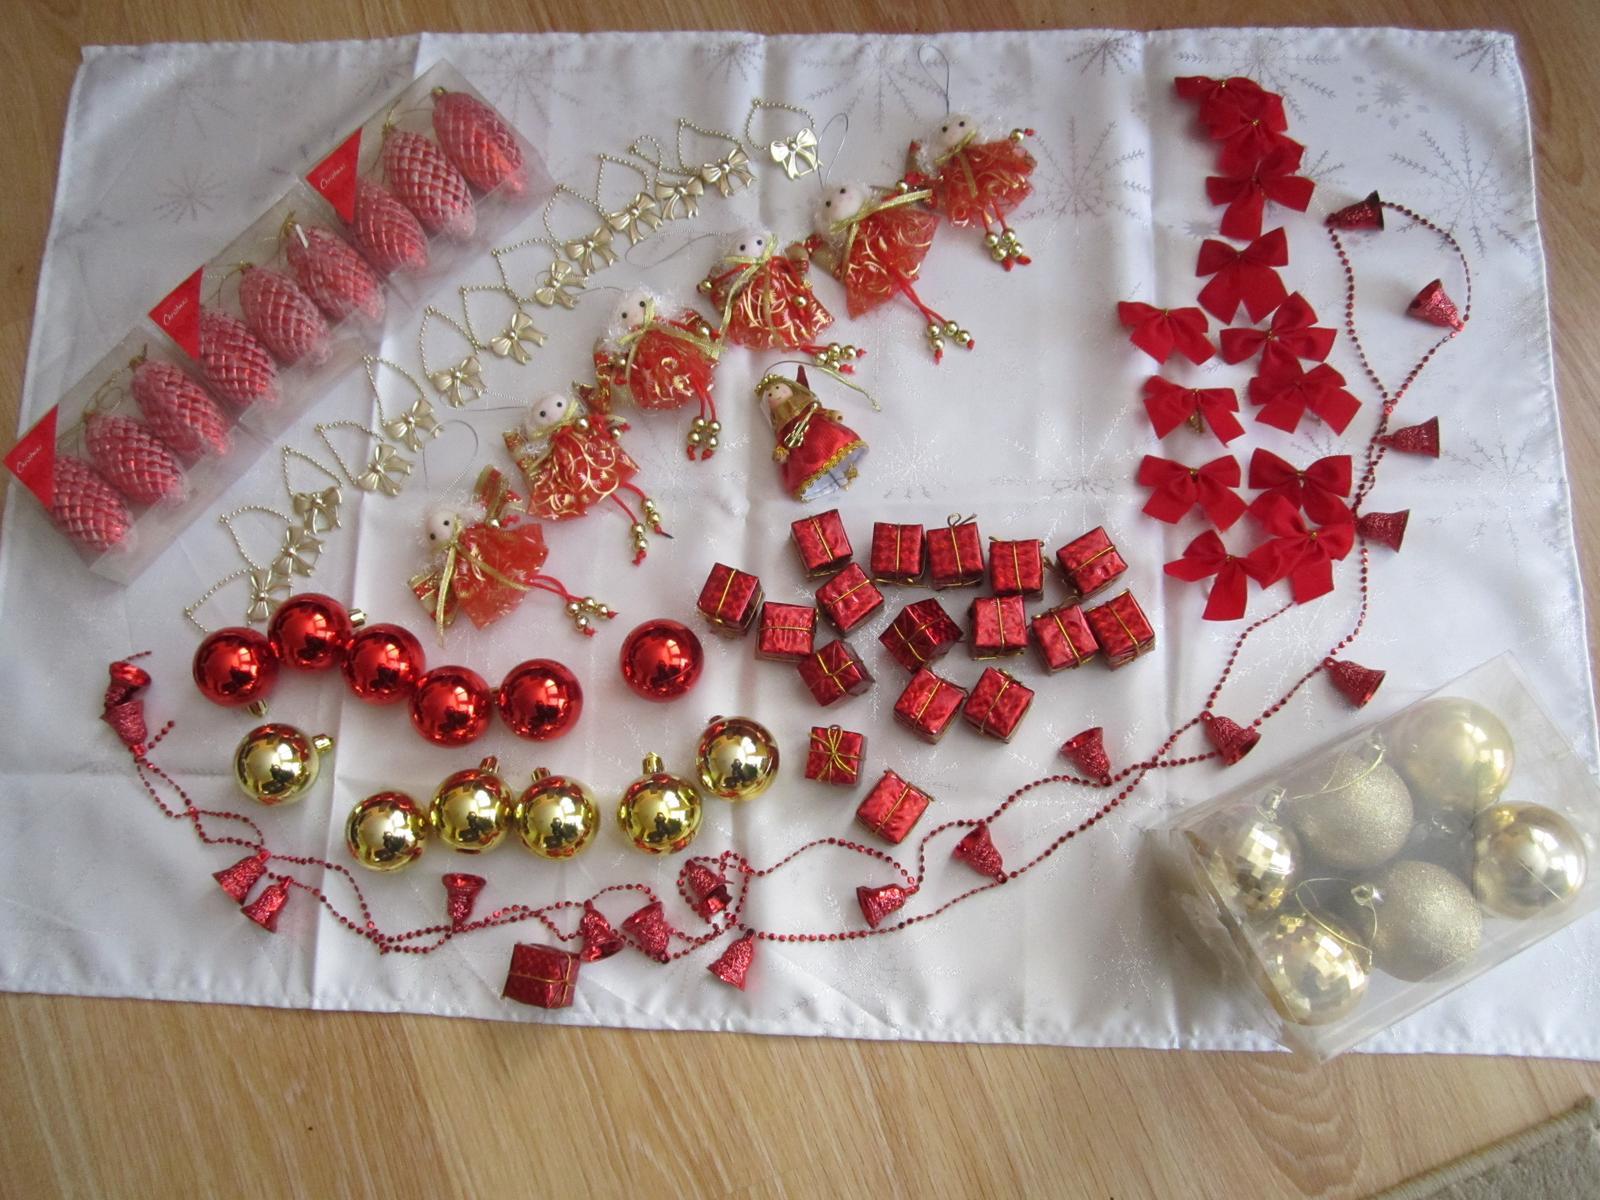 vianočné ozdoba - Obrázok č. 1